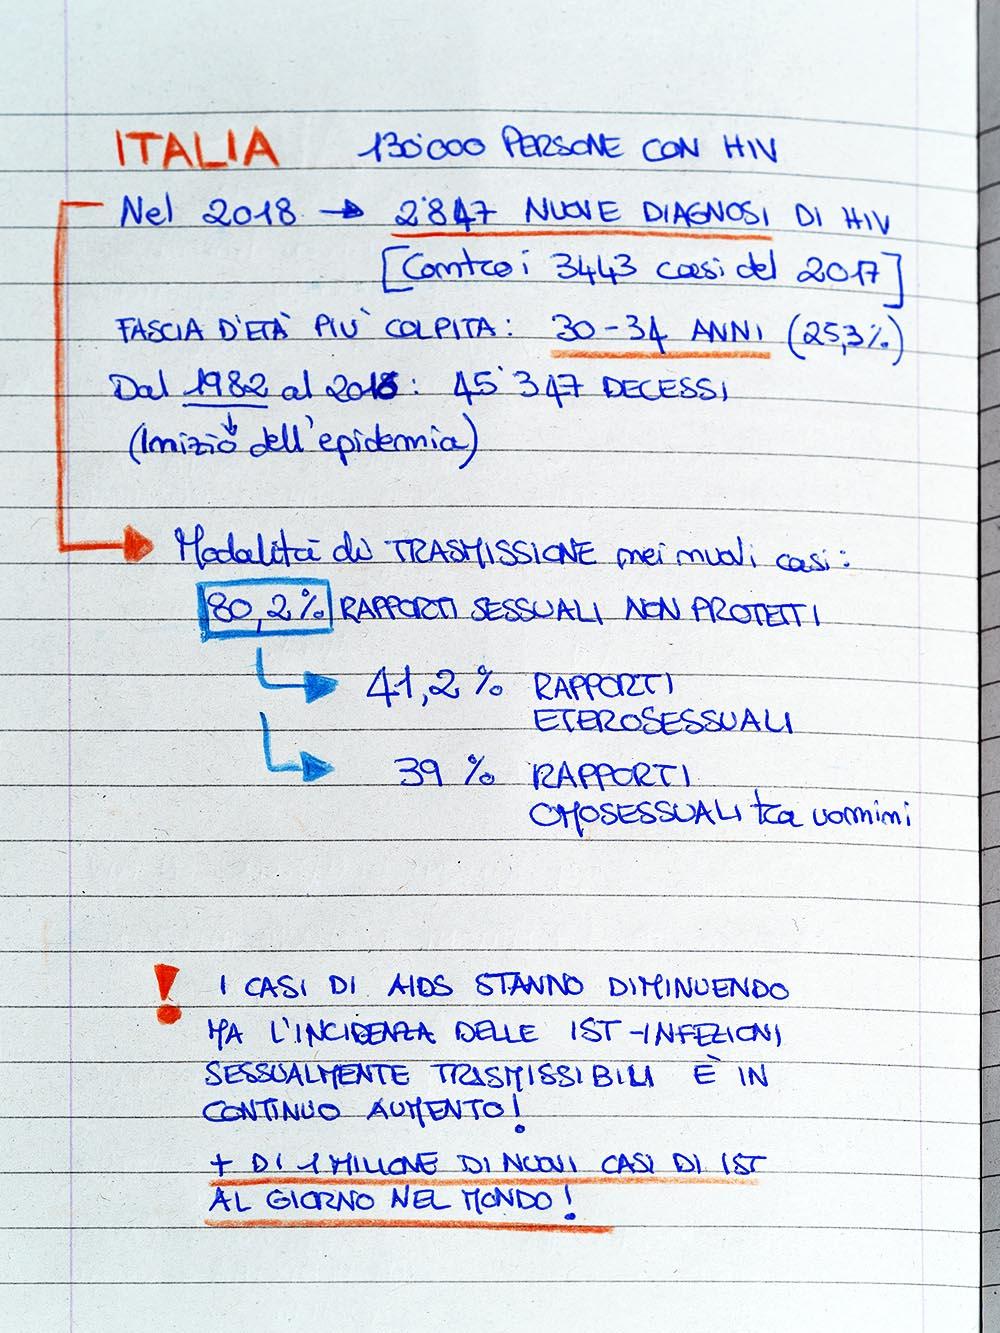 diffusione HIV Italia